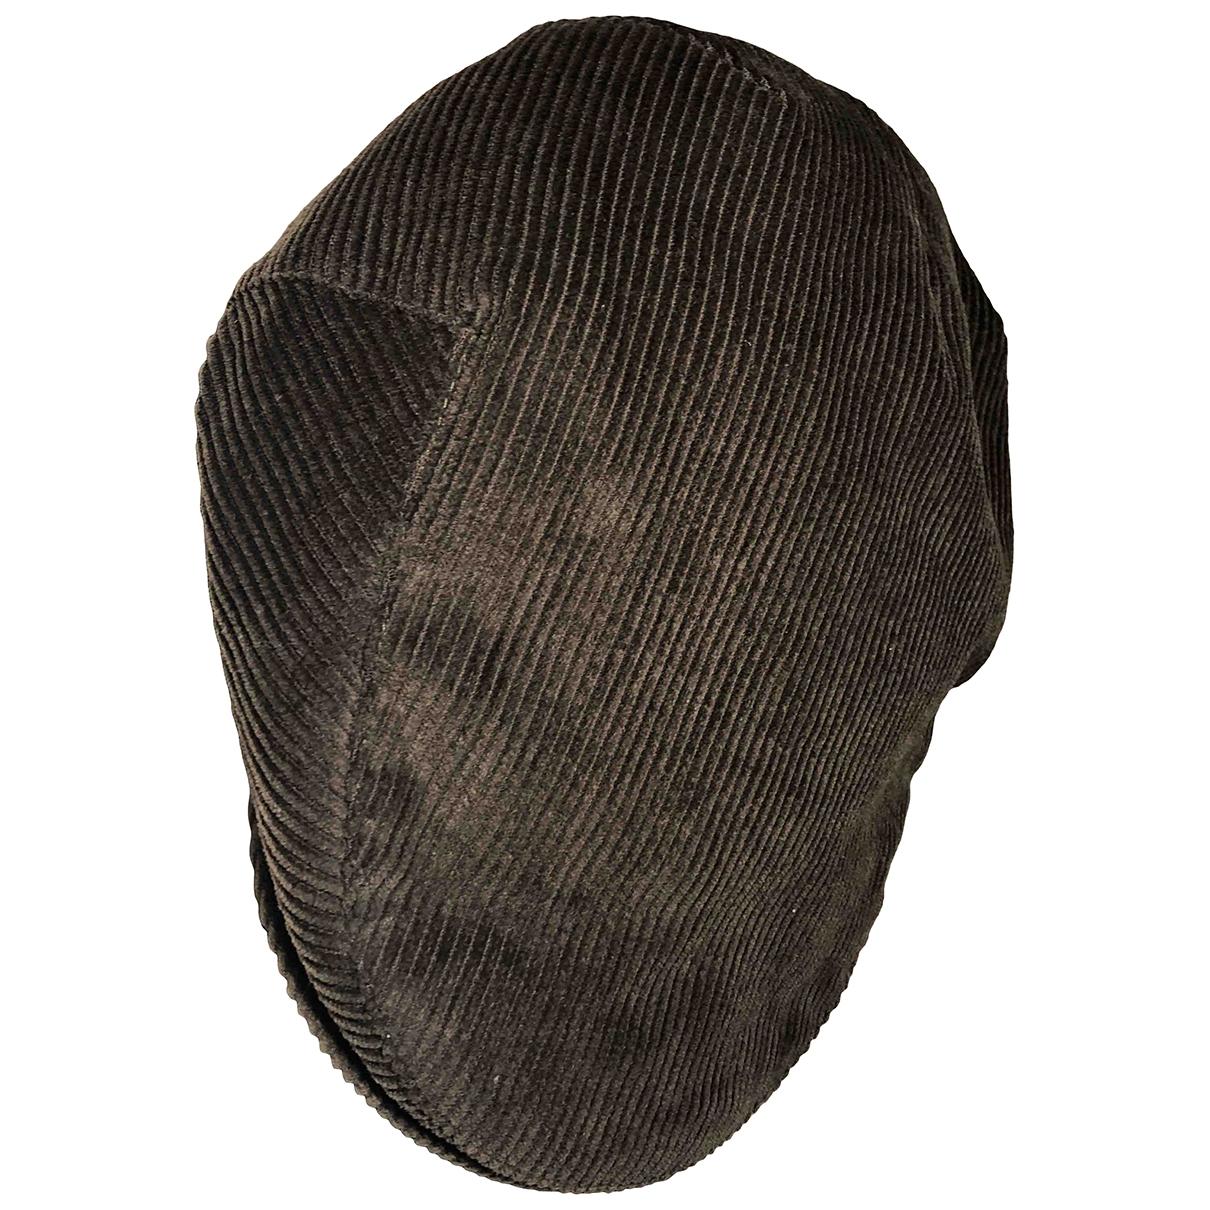 Barbour - Chapeau & Bonnets   pour homme - marron